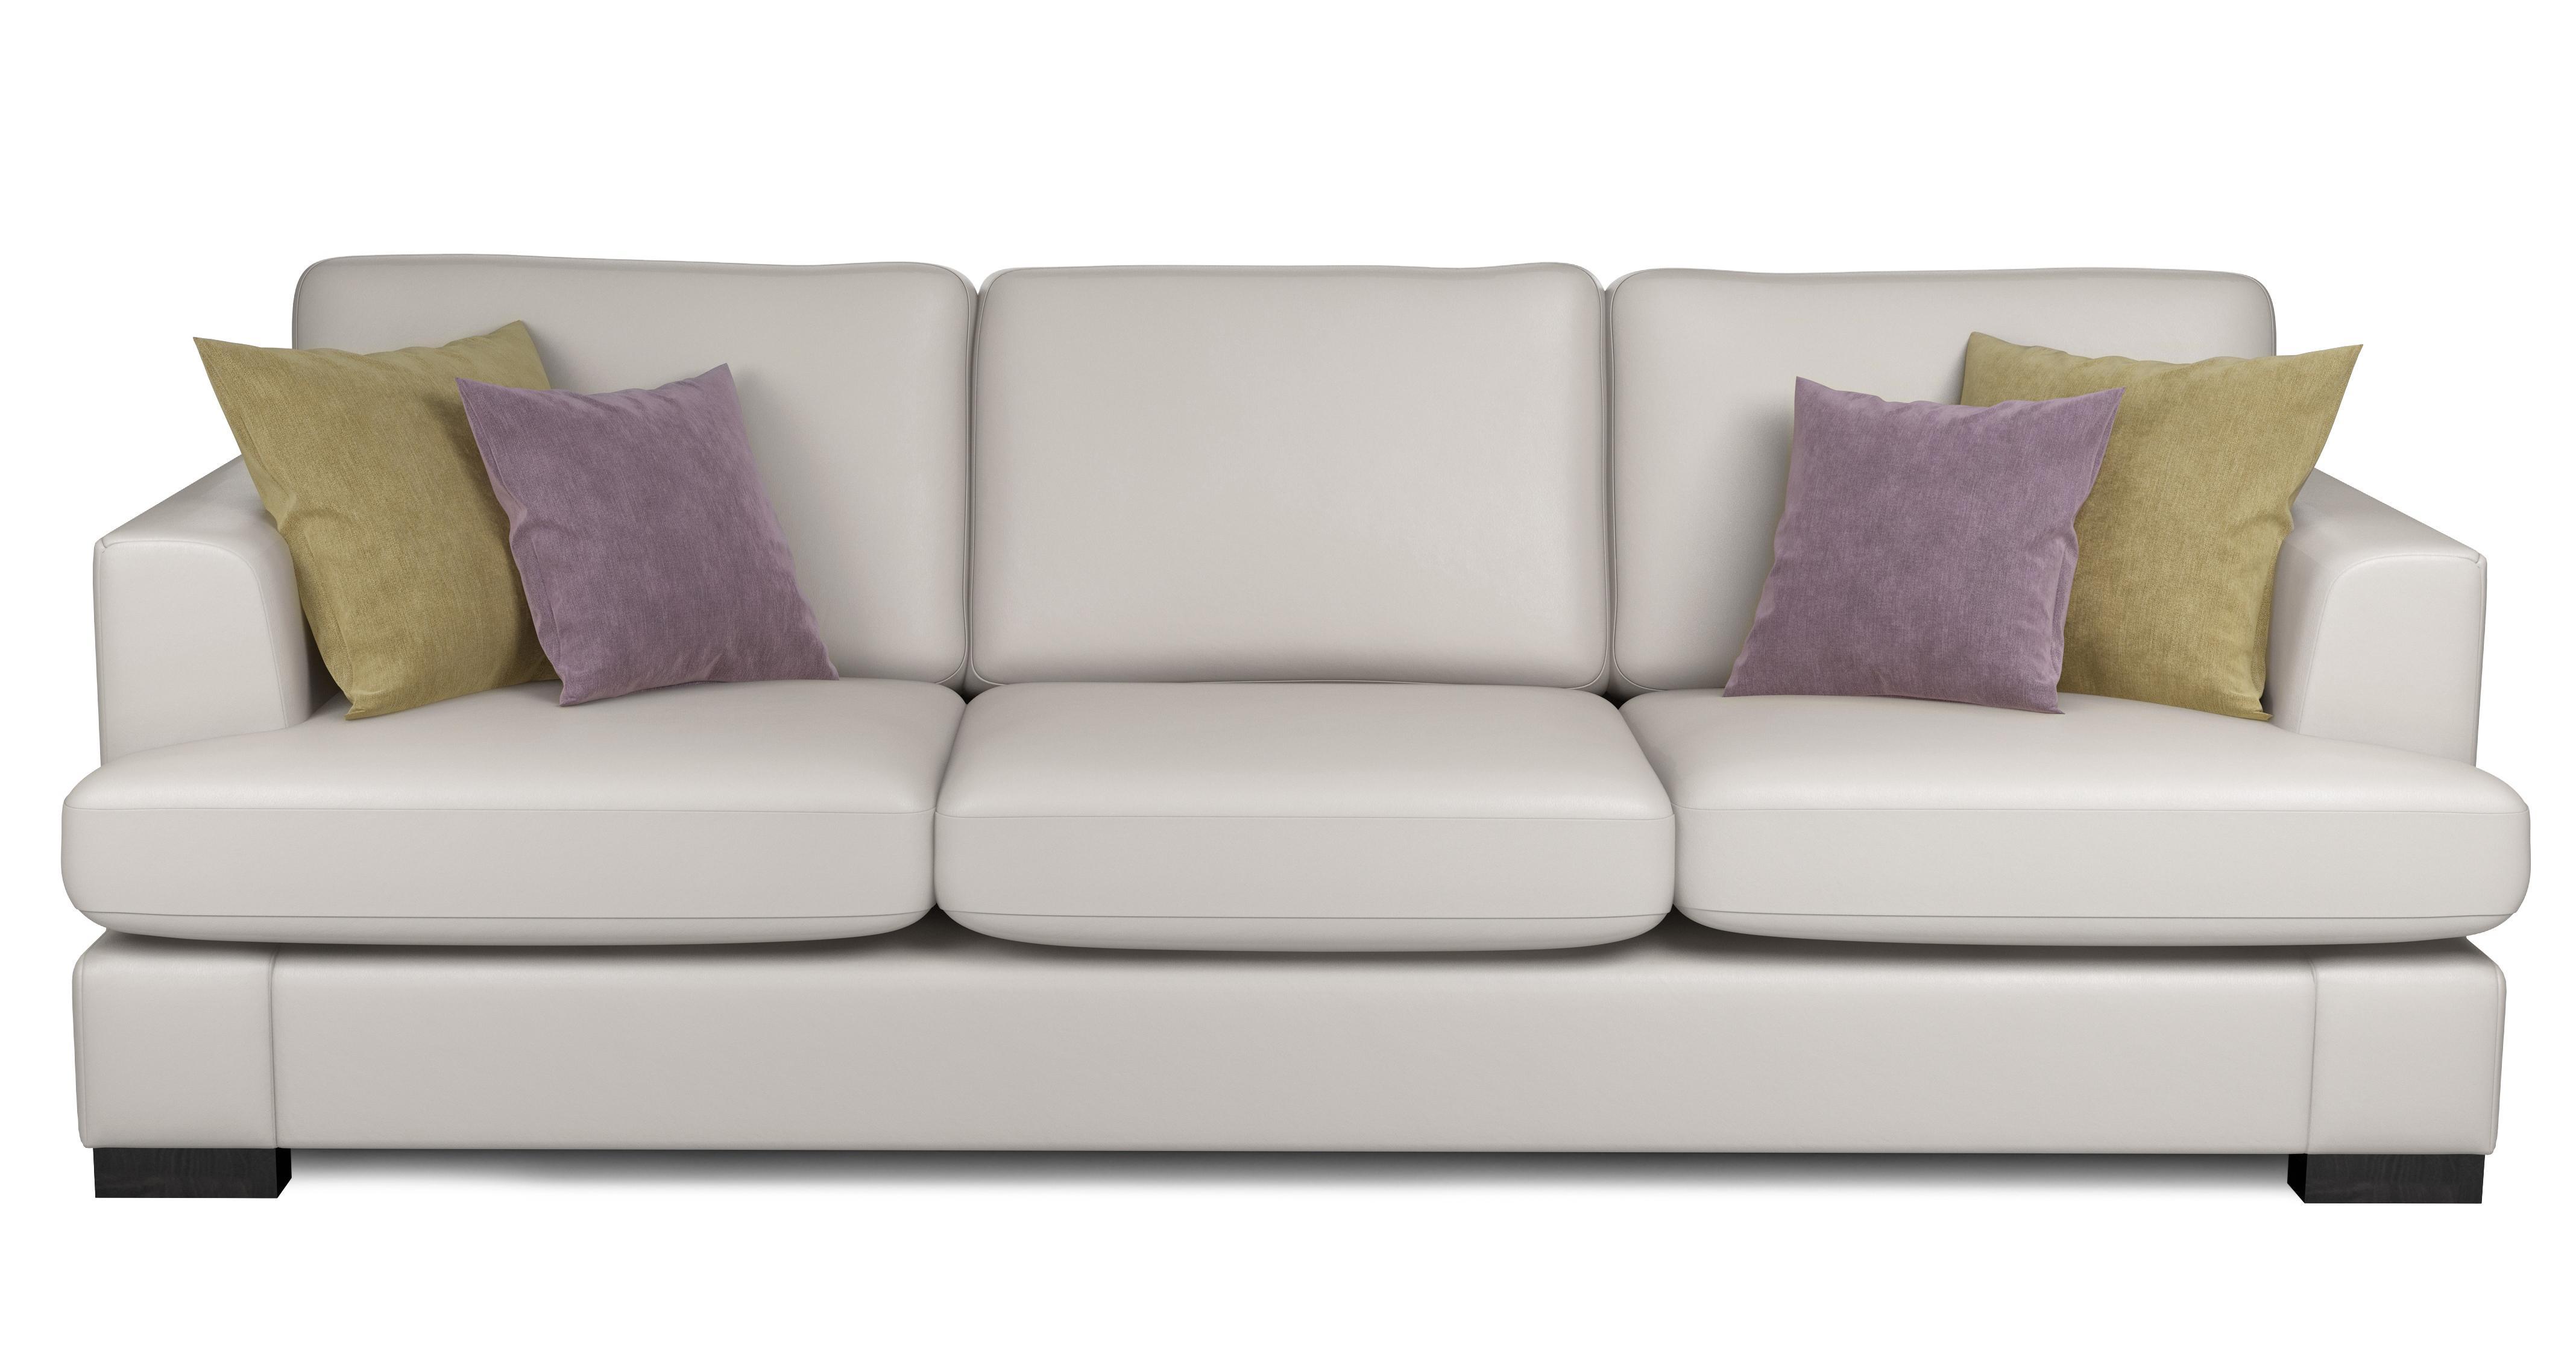 Wonderful Freya Leather 4 Seater Sofa Beau   DFS